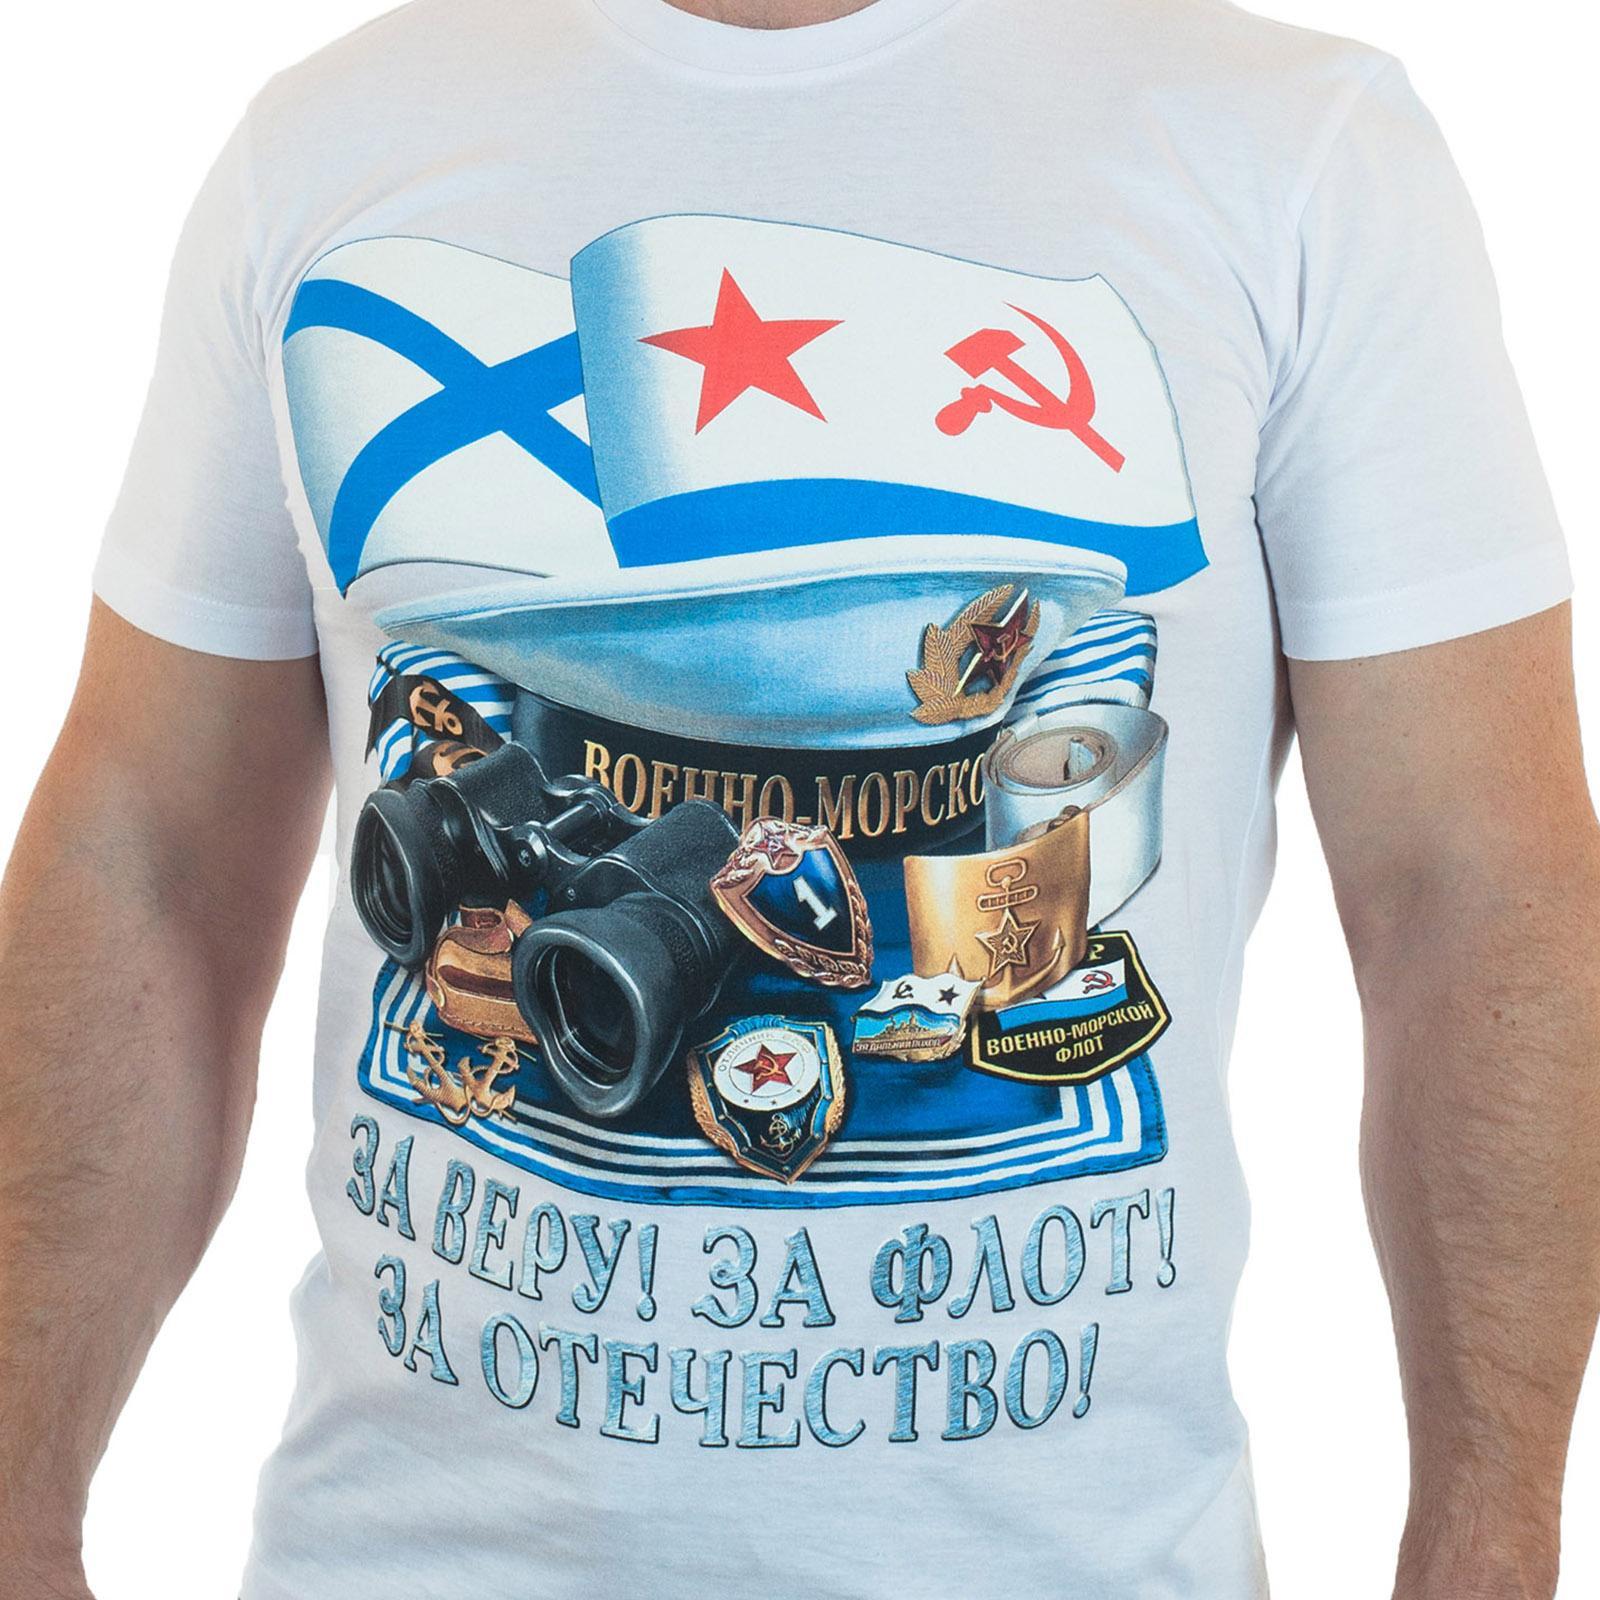 ярославского следственного картинки в подарок вмф направления дизайне